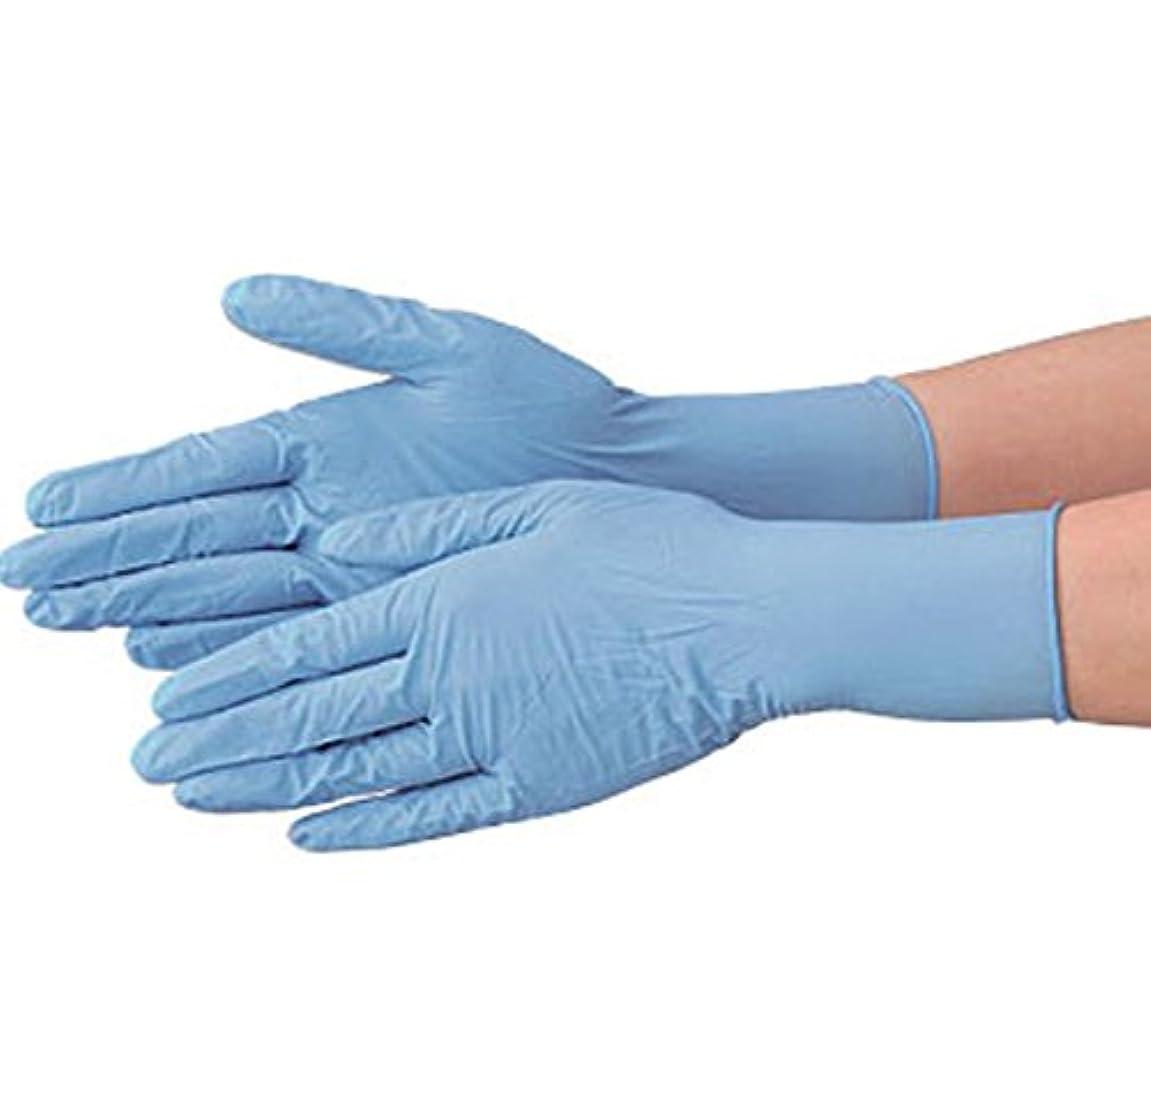 ステップ隣接毛細血管使い捨て 手袋 エブノ 526 ディスポニトリル パウダーフリー ホワイトSサイズ 2ケース(100枚×40箱)